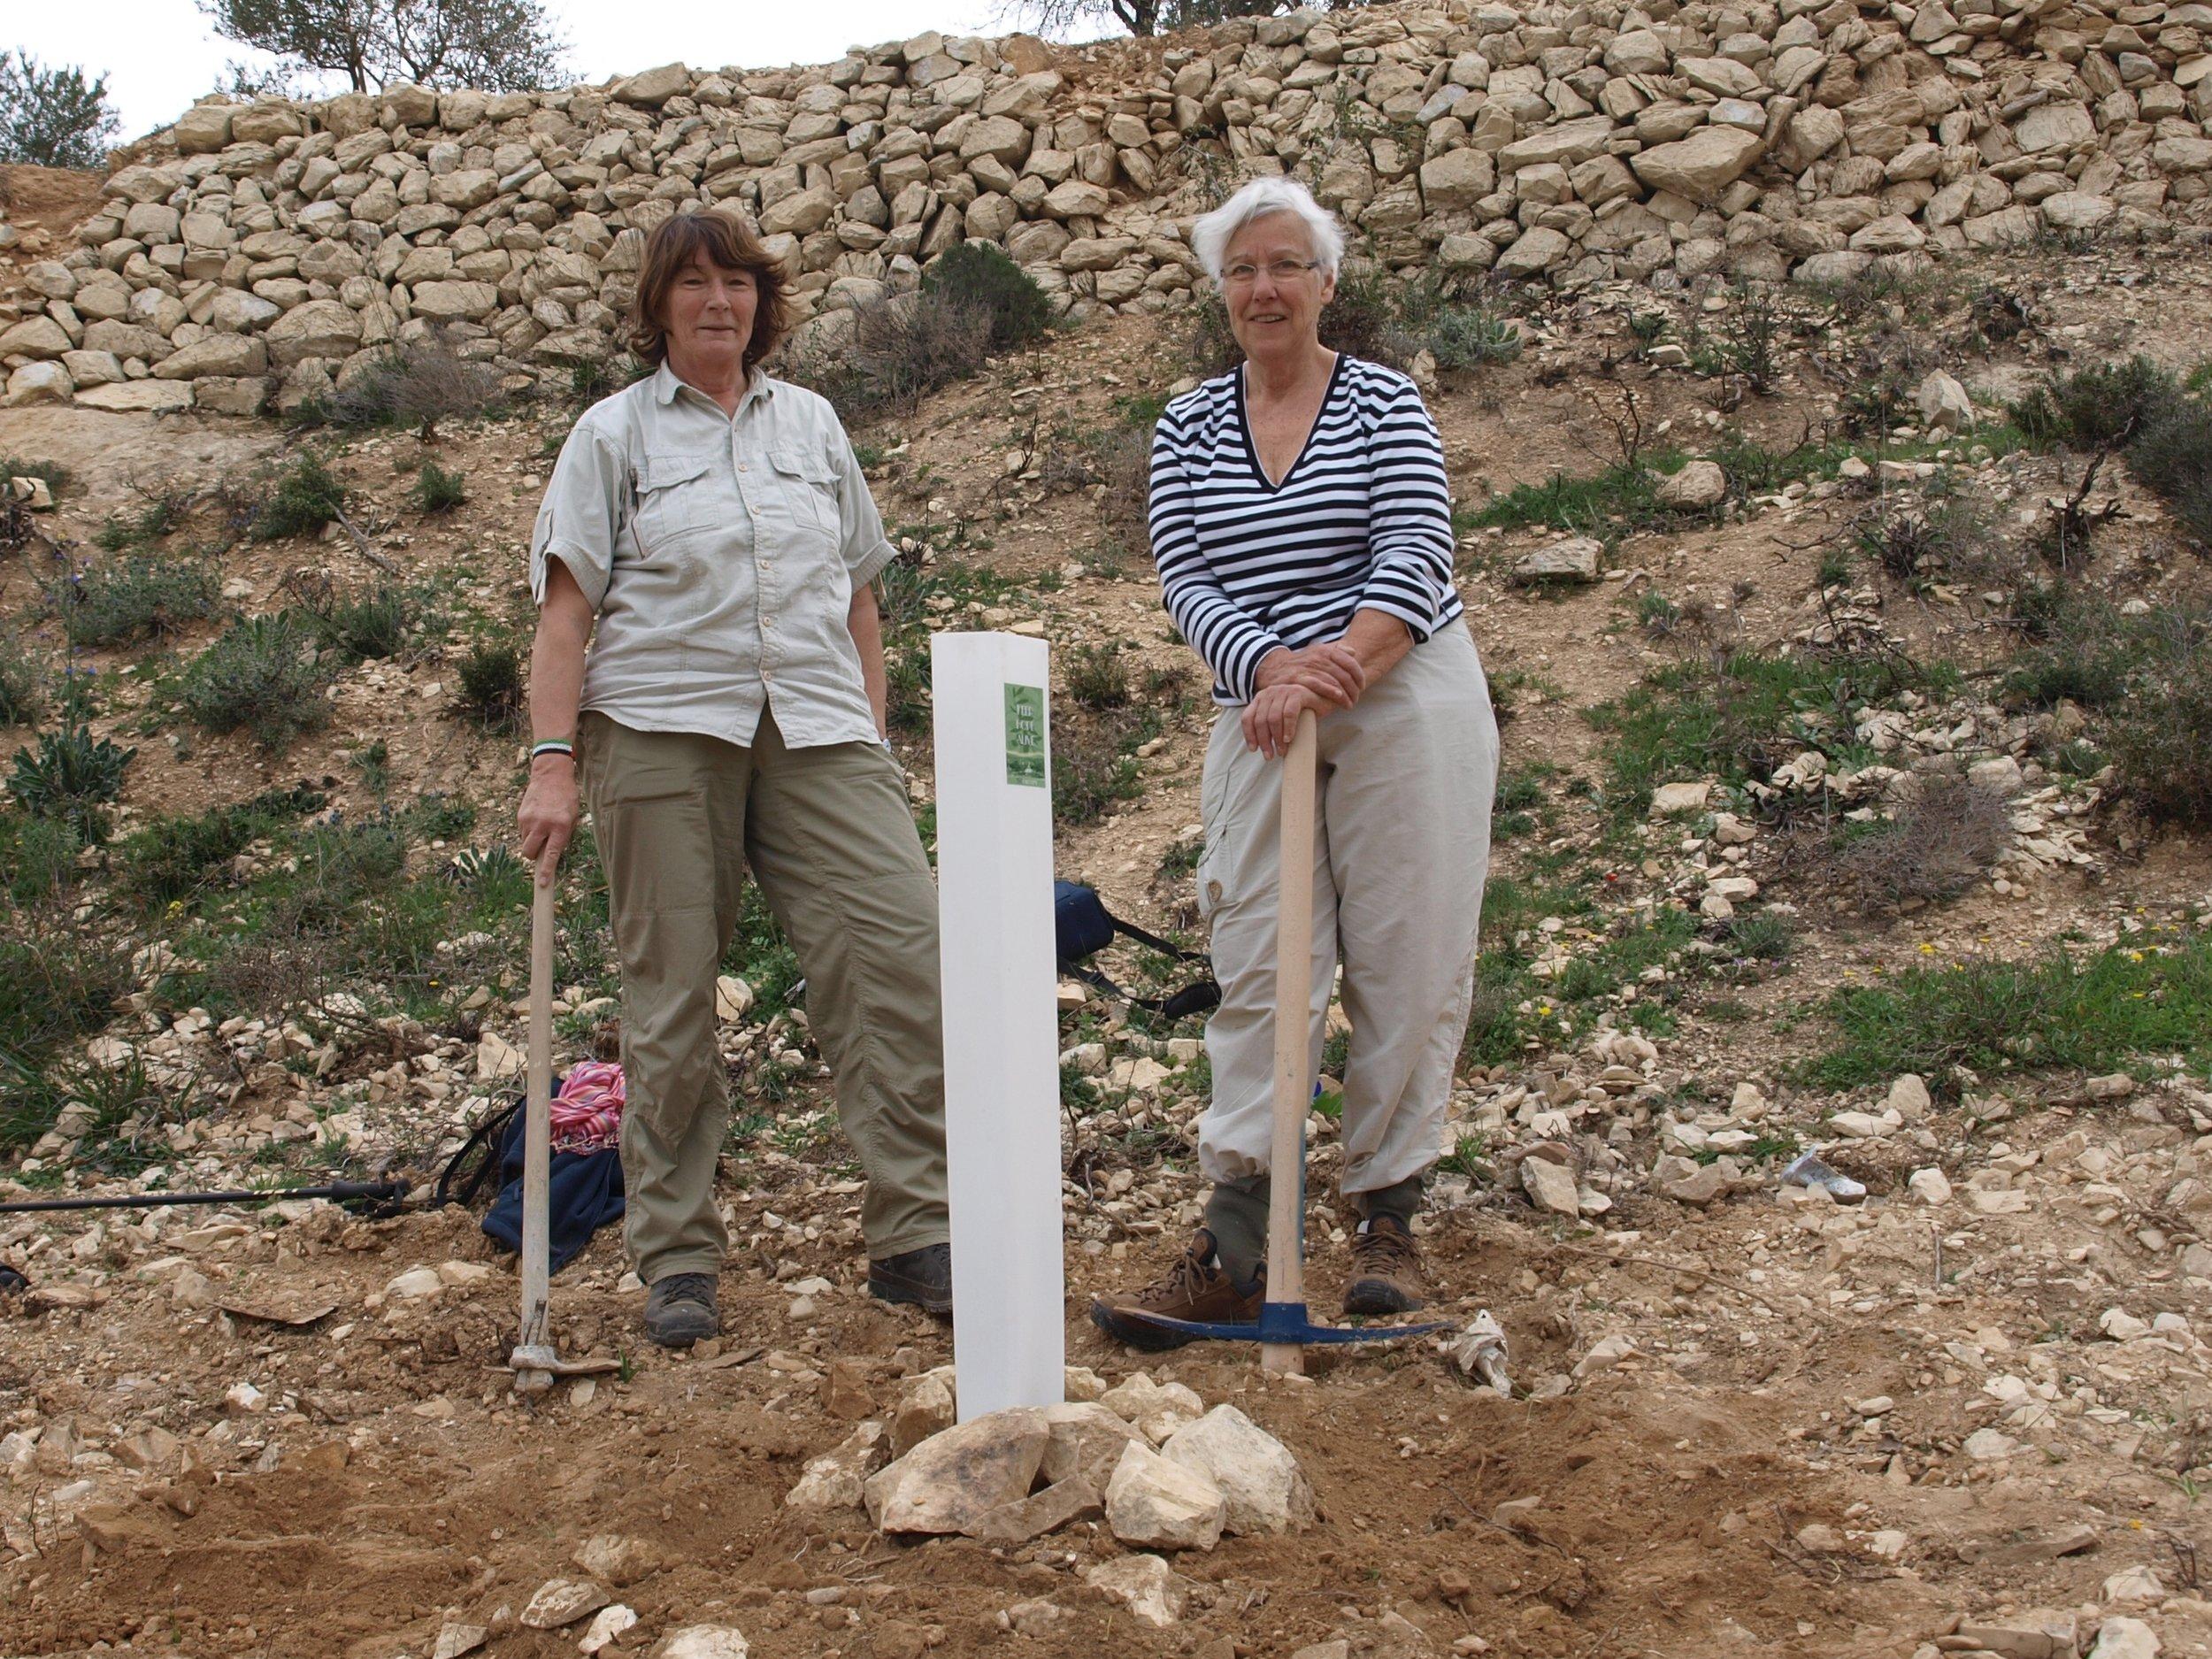 Marijke en Rita bij een geplantte olijfboom